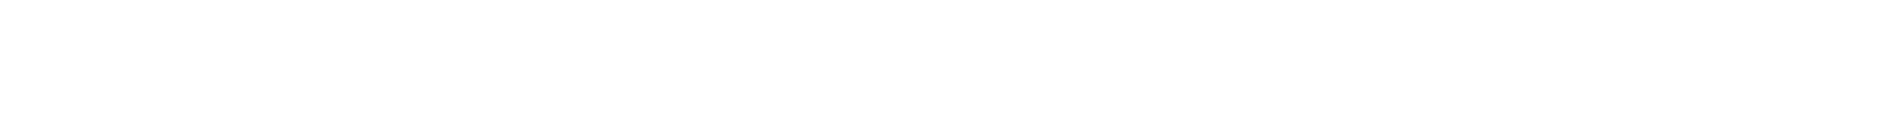 OneSuite-Curve-3